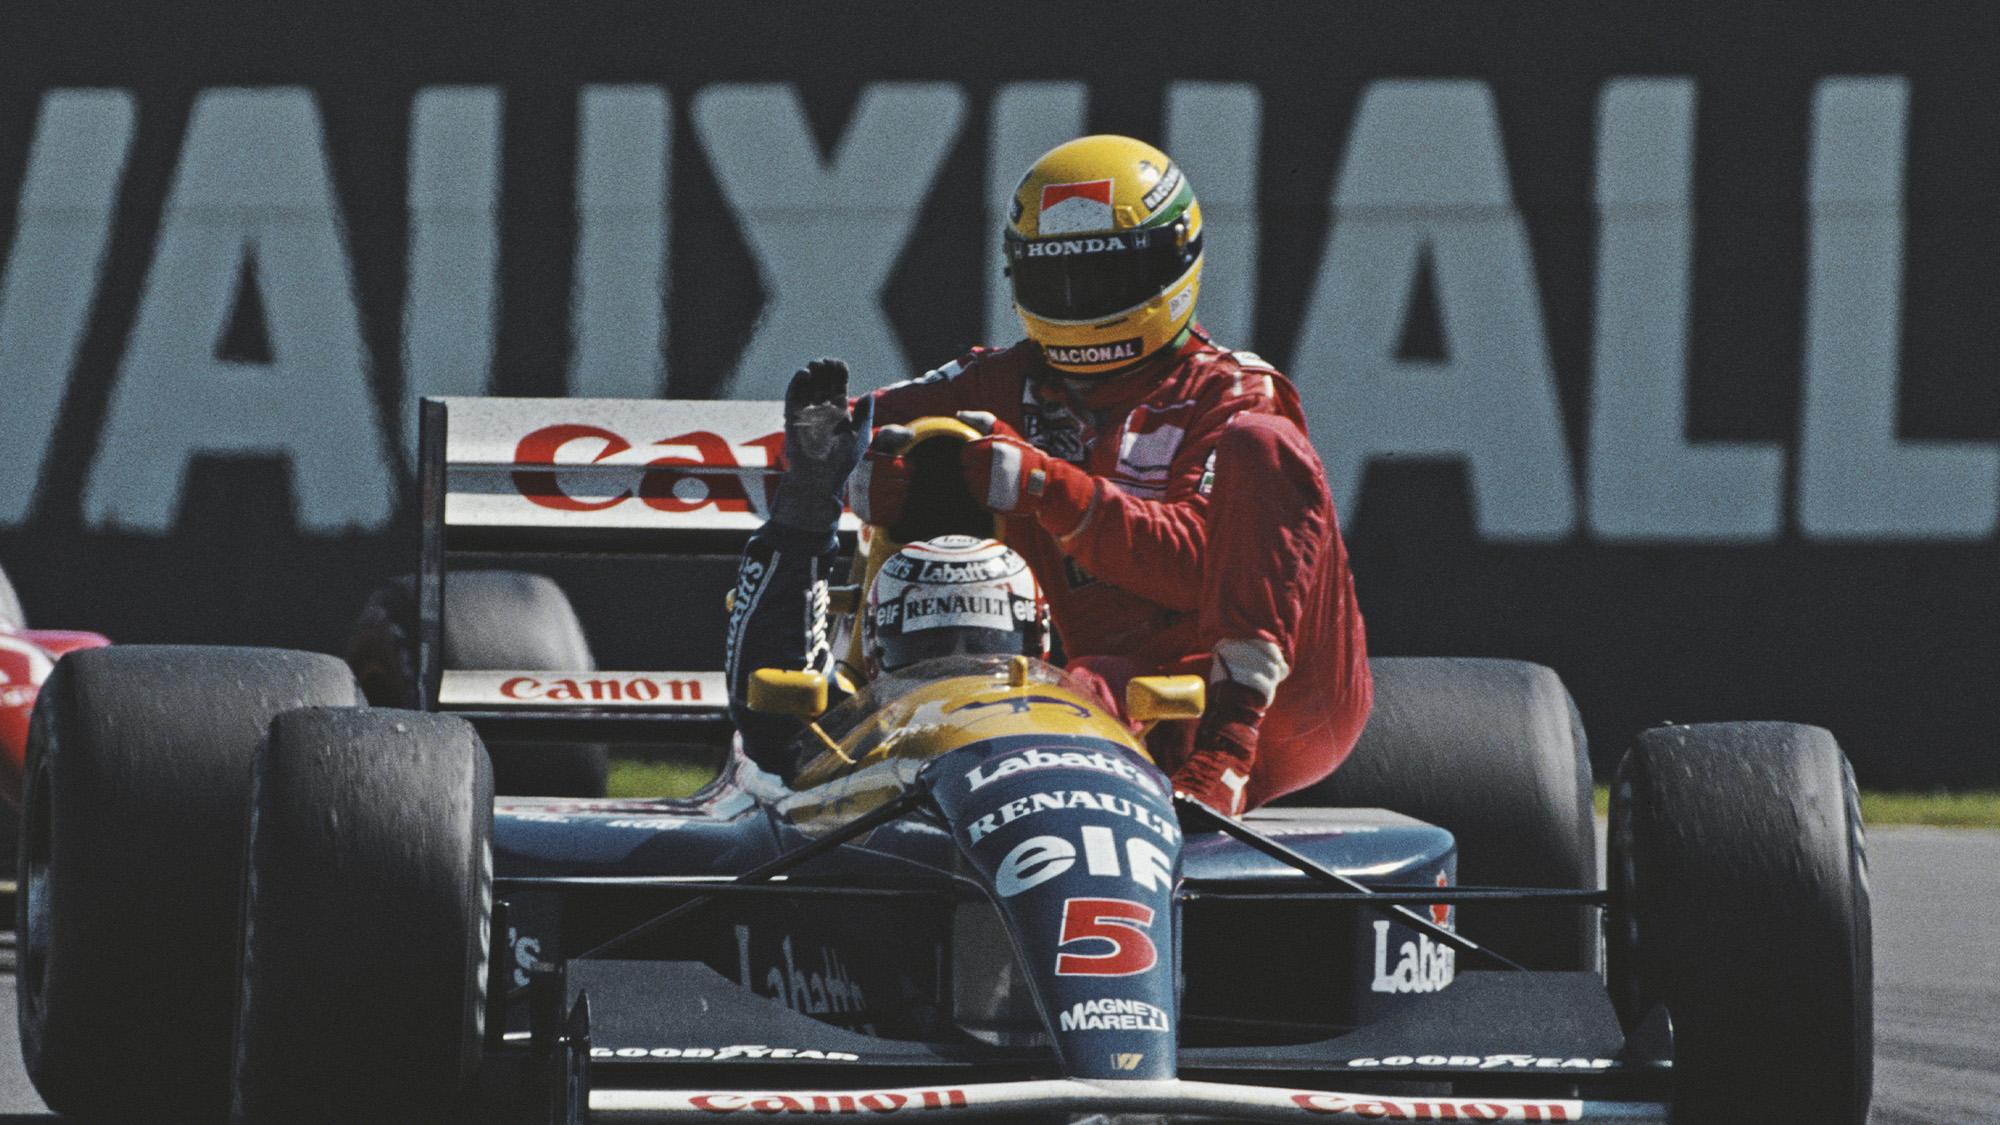 Nigel Mansell gives Ayrton Senna a lift after the 1991 Biritsh Grand Prix